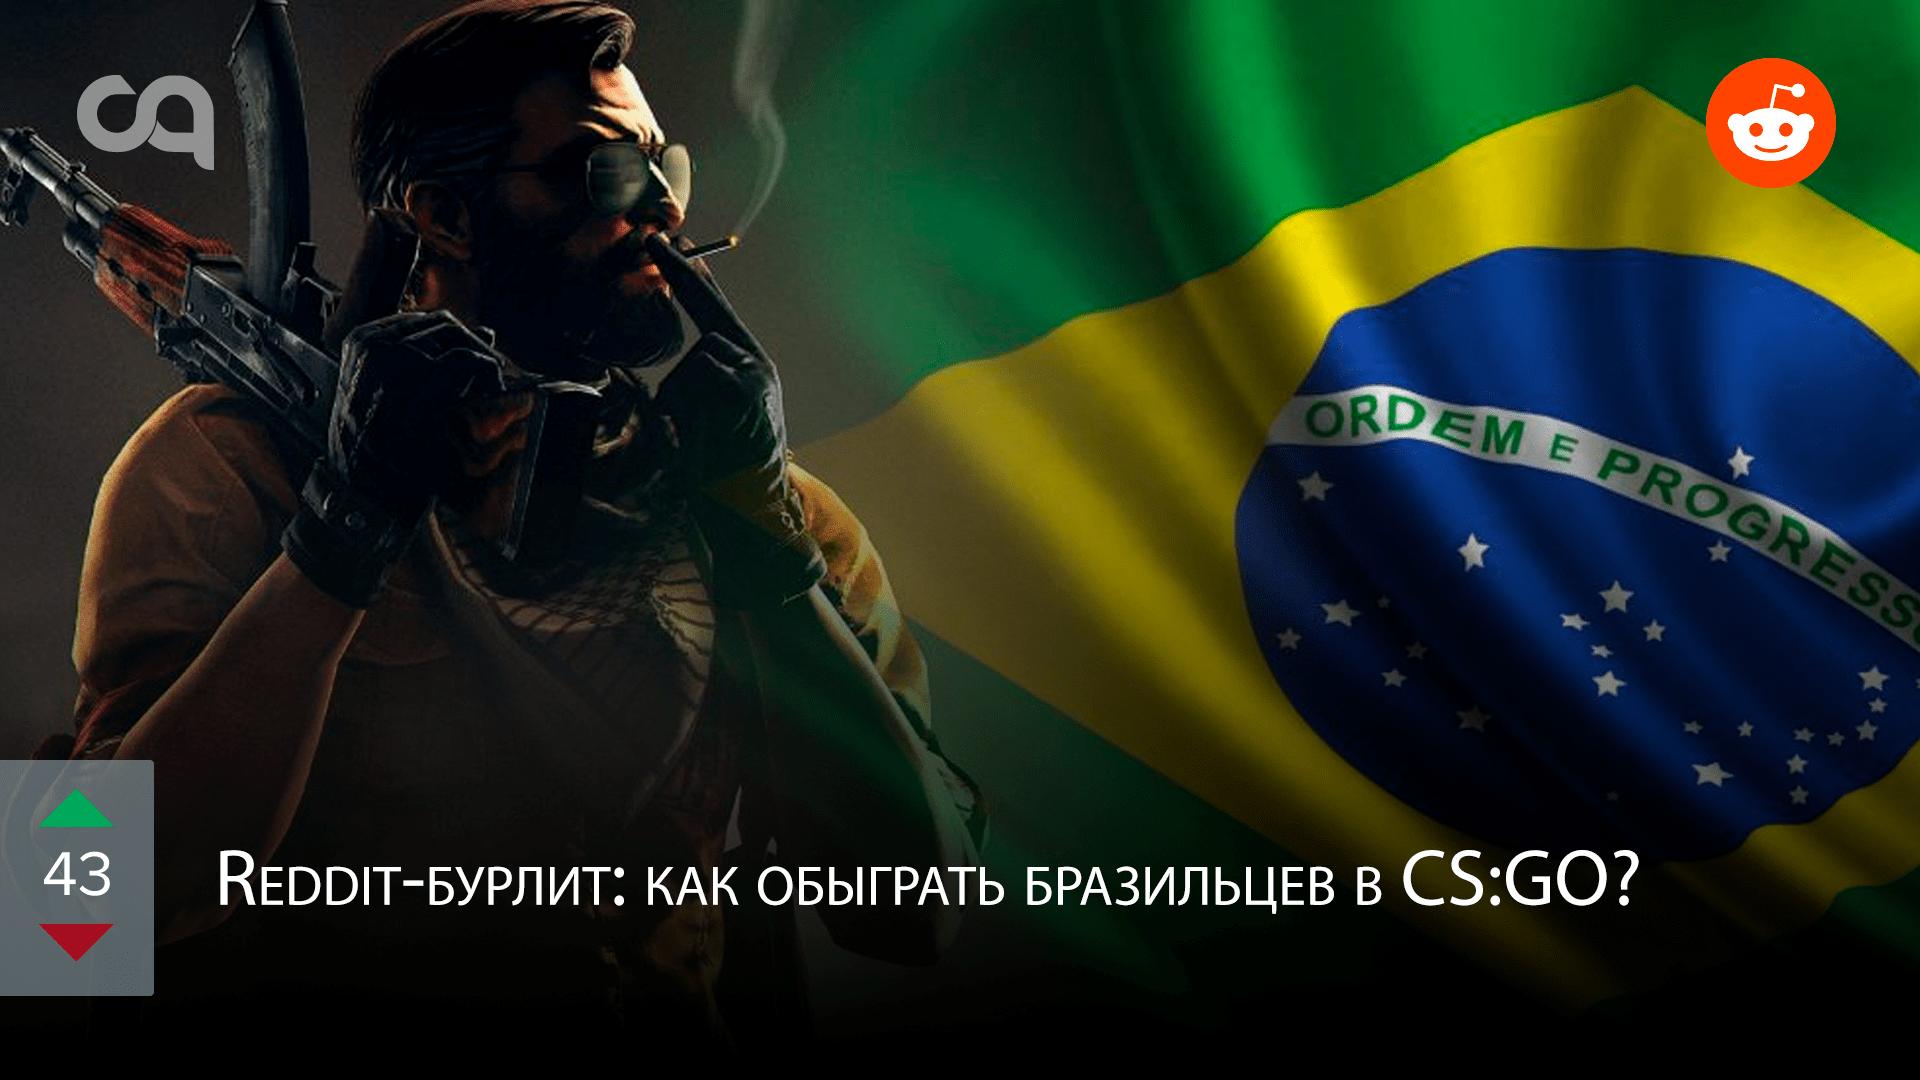 Redditбурлит как обыграть бразильцев в CSGO